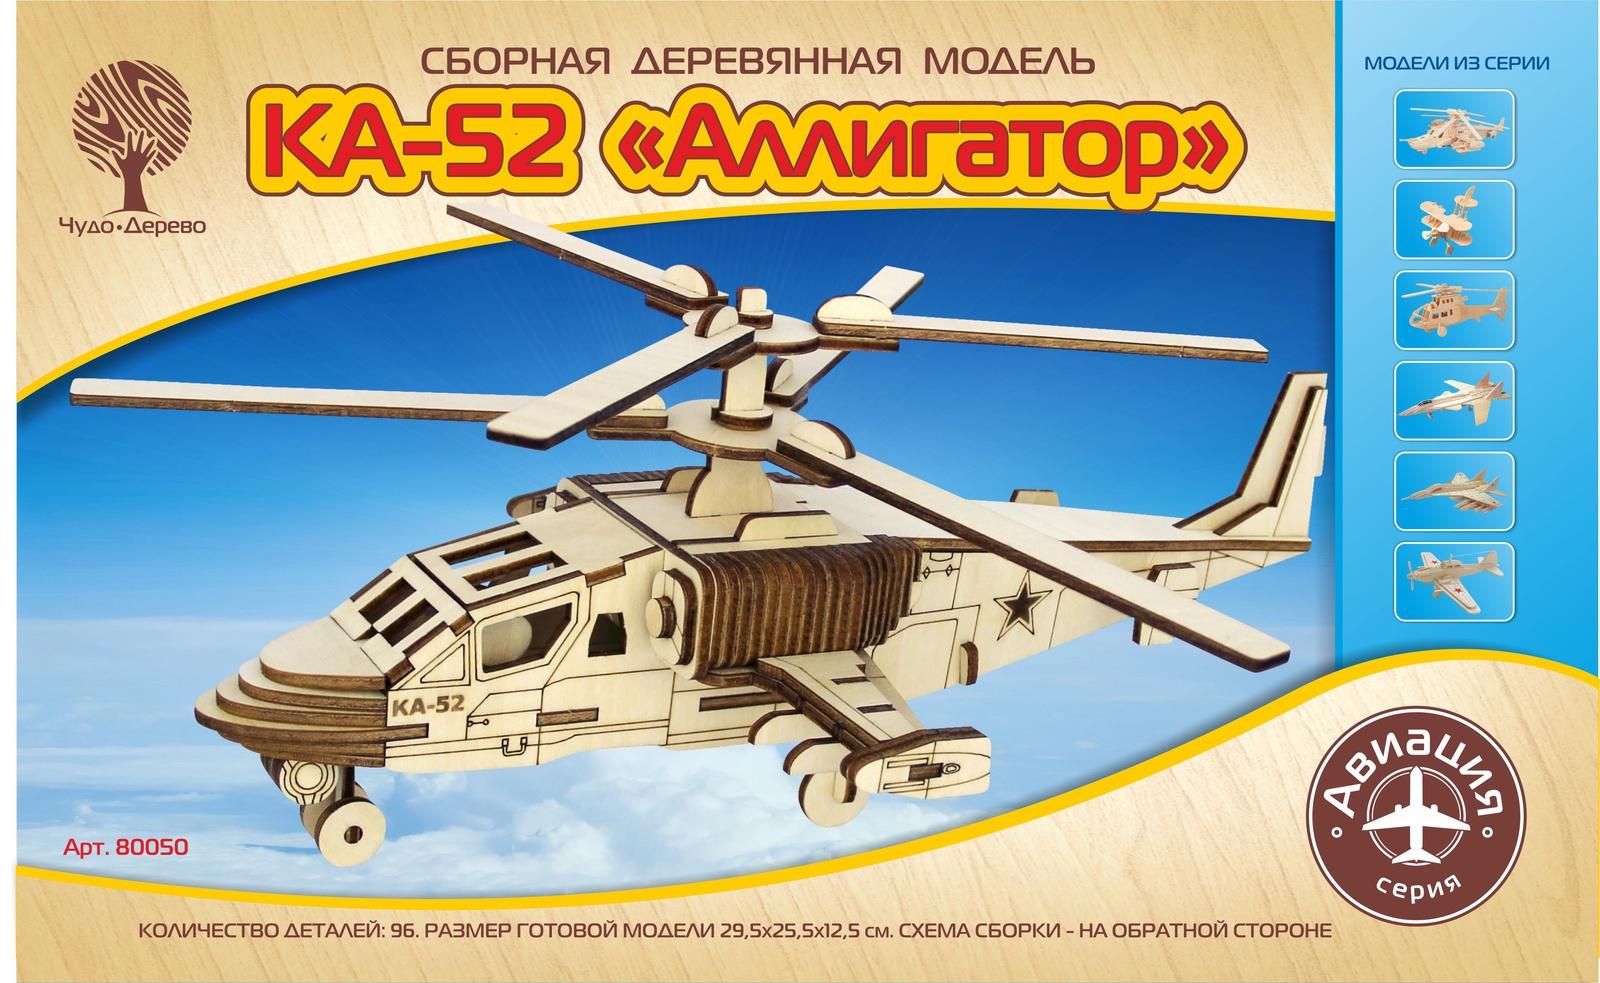 Деревянный конструктор Чудо-дерево Вертолет КА-52 Аллигатор, 80050 николай якубович ударные вертолеты россии ка 52 аллигатор и ми 28н ночной охотник